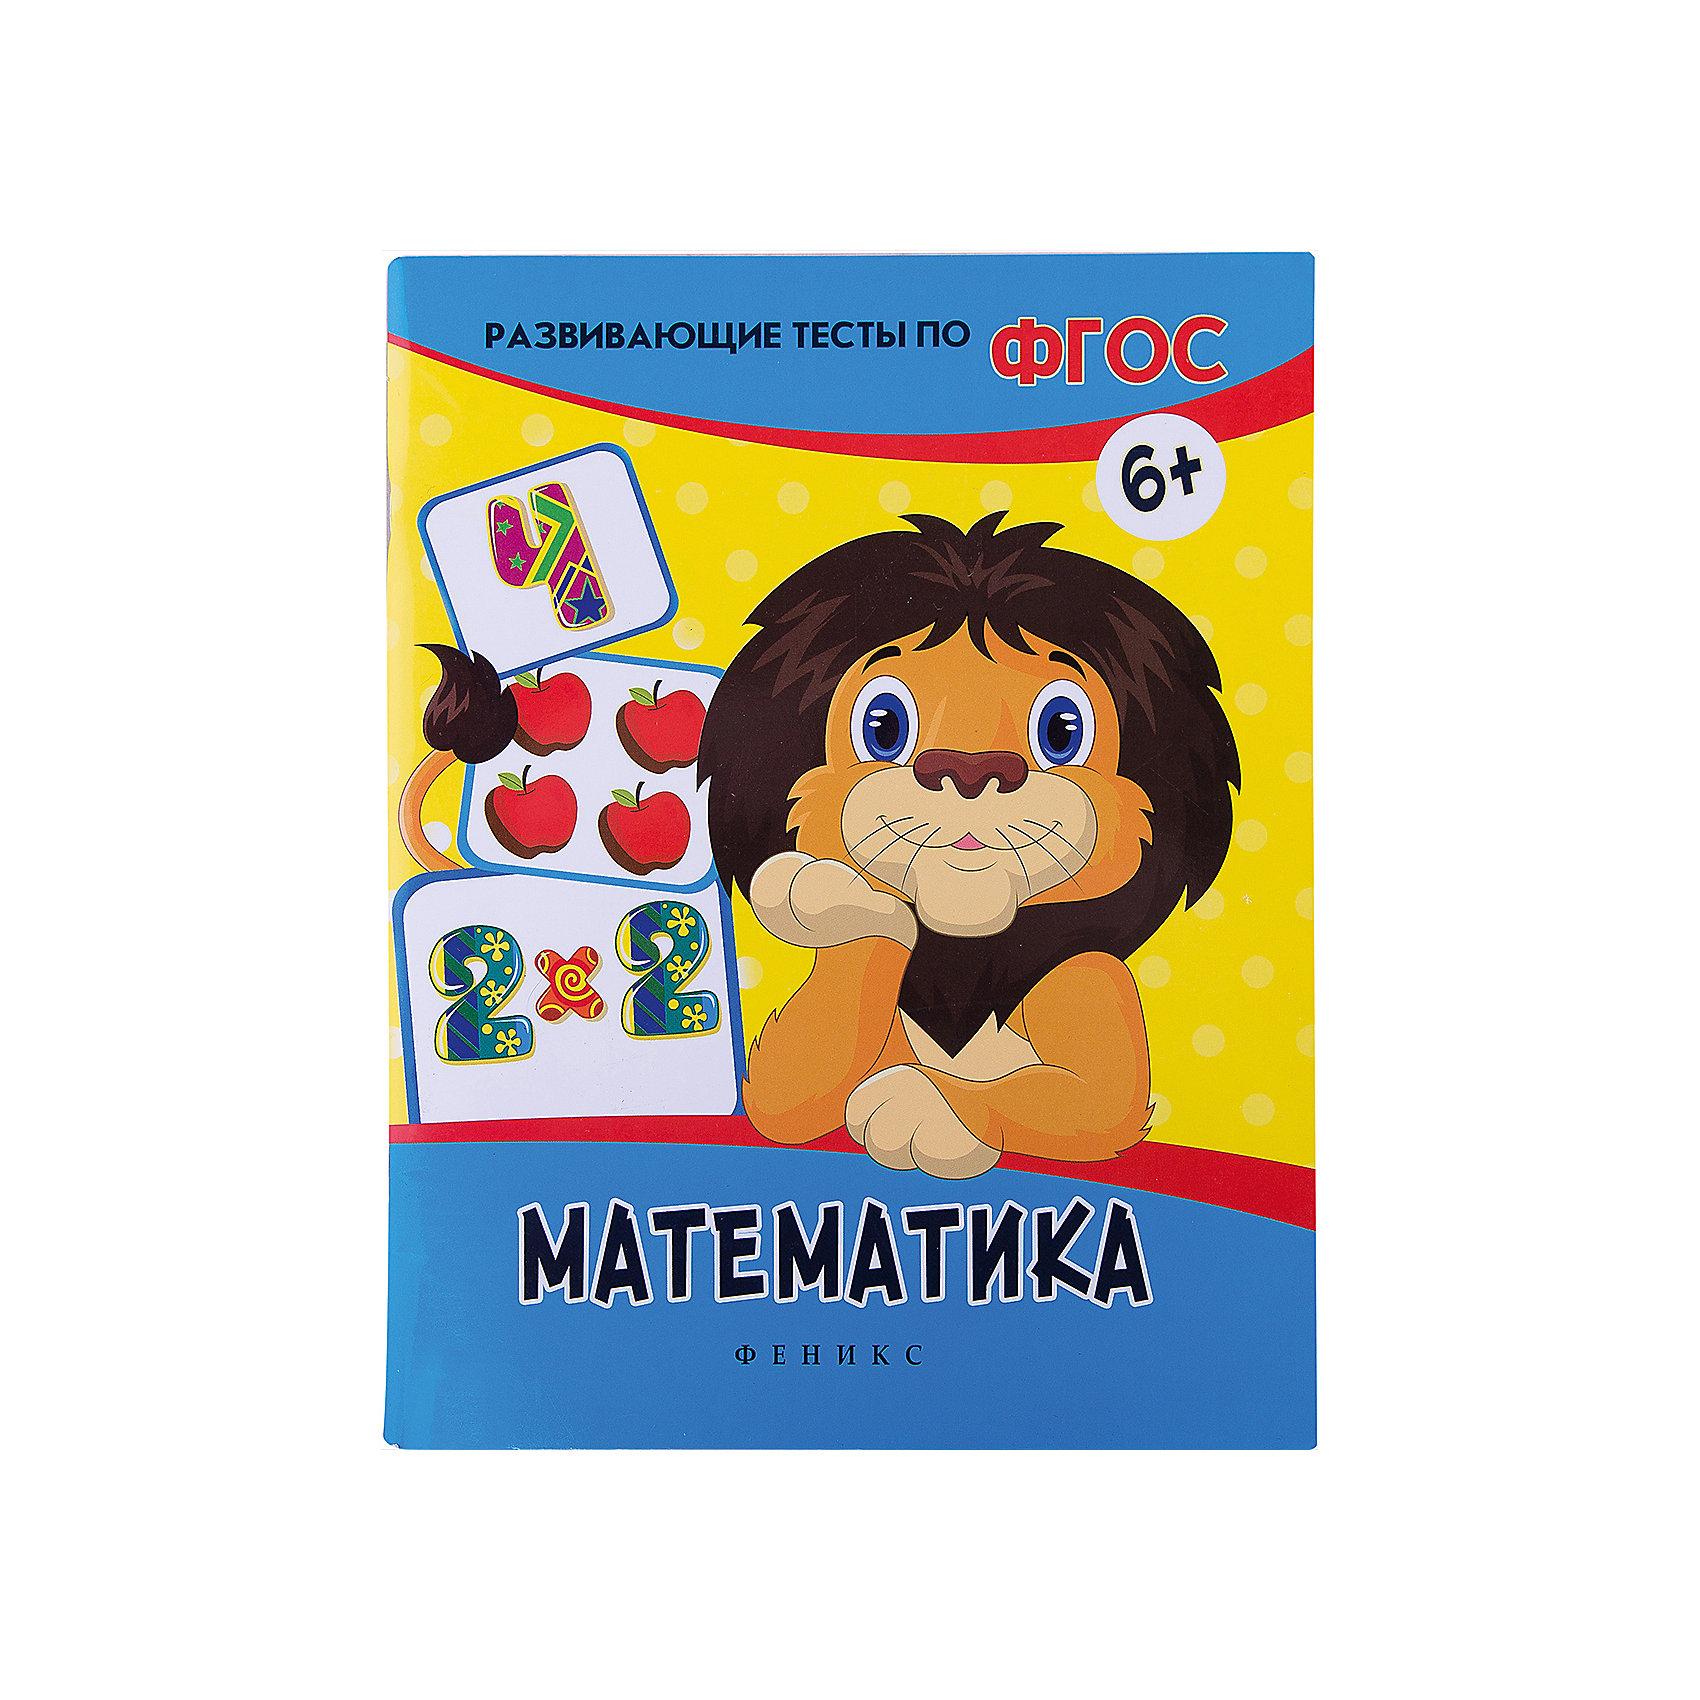 Математика: развивающие тестыОбучение счету<br>Издание Математика: развивающие тесты станет Вам прекрасным помощником в подготовке ребенка к школе. Вы сможете проверить уровень знания математики (цифры и числа, сложение и вычитание, решение задач, геометрия) у детей старшего дошкольного возраста. Задания в<br>книге представлены в виде тестов: нужно выбрать правильный ответ из четырех предложенных вариантов. Все задания делятся на четыре тематических раздела, в каждом из которых содержится 25 заданий. Выполняя задание, ребенок должен найти правильный ответ и отметить его<br>значком (галочкой или крестиком). Когда все задания в разделе будут выполнены, проверьте правильность ответов и запишите верные ответы в квадратиках рядом с текстом вопроса. Прочитайте задание вслух и дайте ребенку возможность выполнить его самостоятельно. Не<br>допускайте переутомления малыша - занимайтесь по книжке не более 20-25 минут в день. Хвалите малыша за старание!<br><br><br>Дополнительная информация:<br><br>- Автор: В. А. Белых.<br>- Серия: Развивающие тесты по ФГОС.<br>- Обложка: мягкая.<br>- Иллюстрации: цветные.<br>- Объем: 64 стр.<br>- Размер: 26 x 0,5 x 20 см.<br>- Вес: 188 гр.<br><br>Книгу Математика: развивающие тесты, Феникс-Премьер, можно купить в нашем интернет-магазине.<br><br>Ширина мм: 260<br>Глубина мм: 200<br>Высота мм: 5<br>Вес г: 1128<br>Возраст от месяцев: 36<br>Возраст до месяцев: 84<br>Пол: Унисекс<br>Возраст: Детский<br>SKU: 4771448